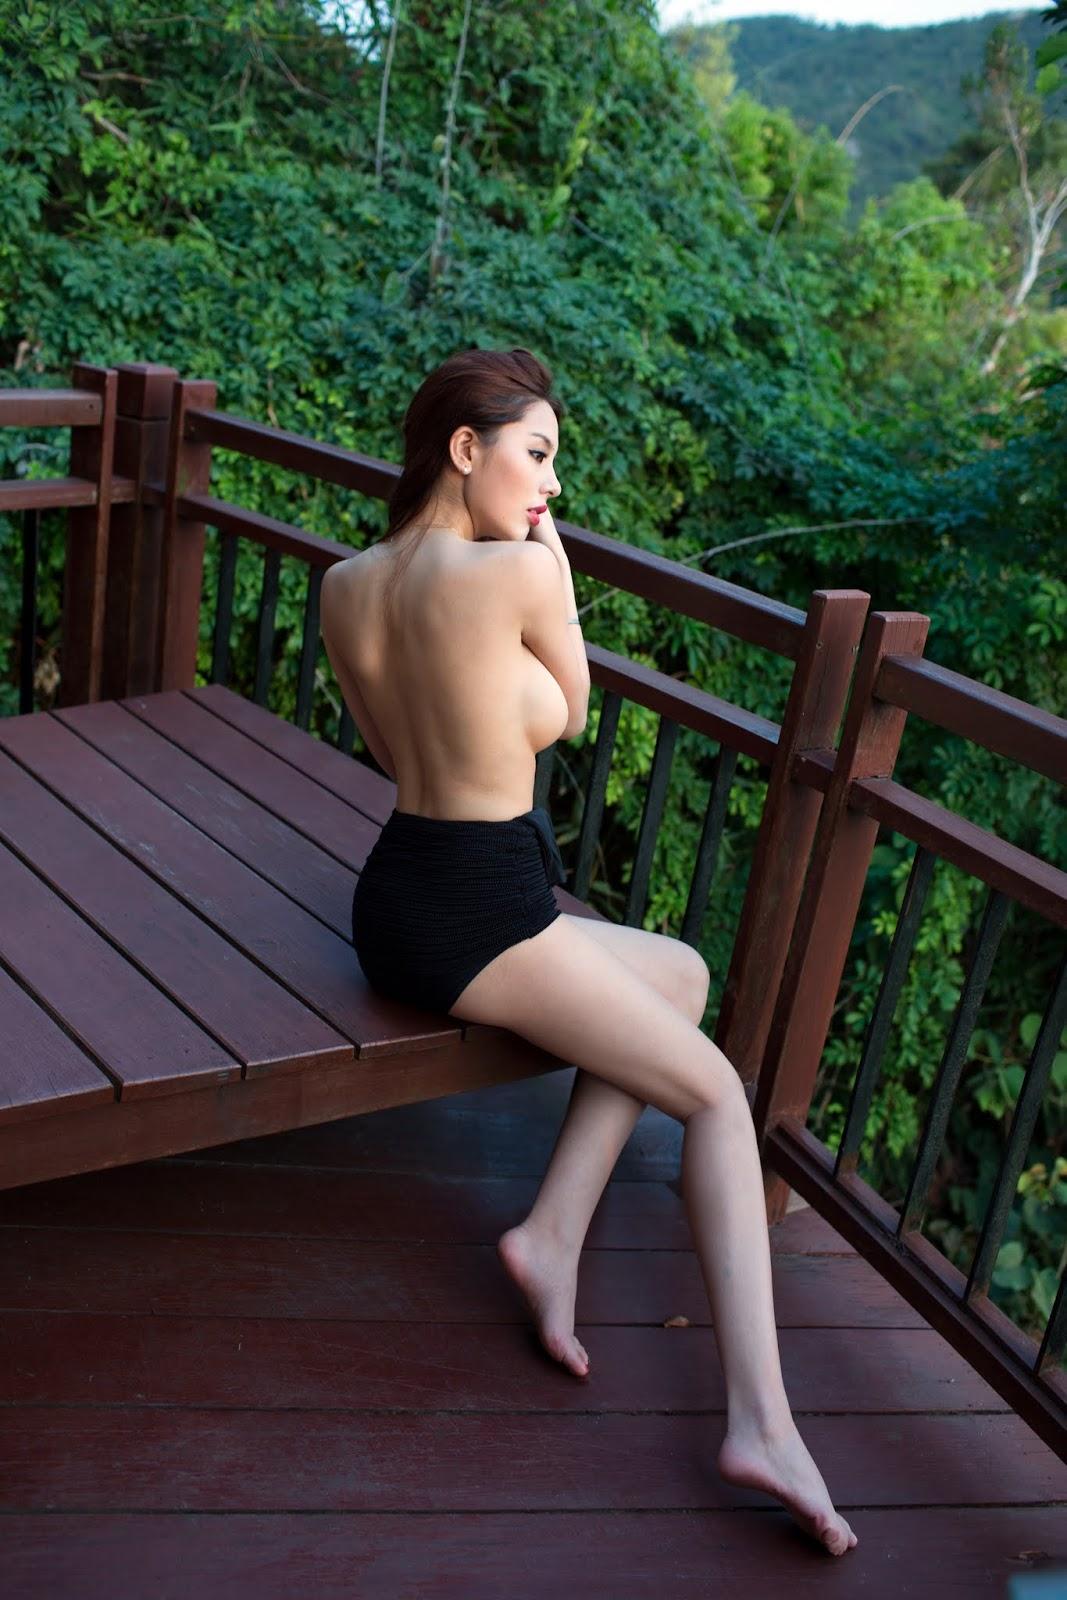 %252B%252B%252B%25C2%25AC %252B 37 - Naked Nude Girl TUIGIRL NO.51 Model